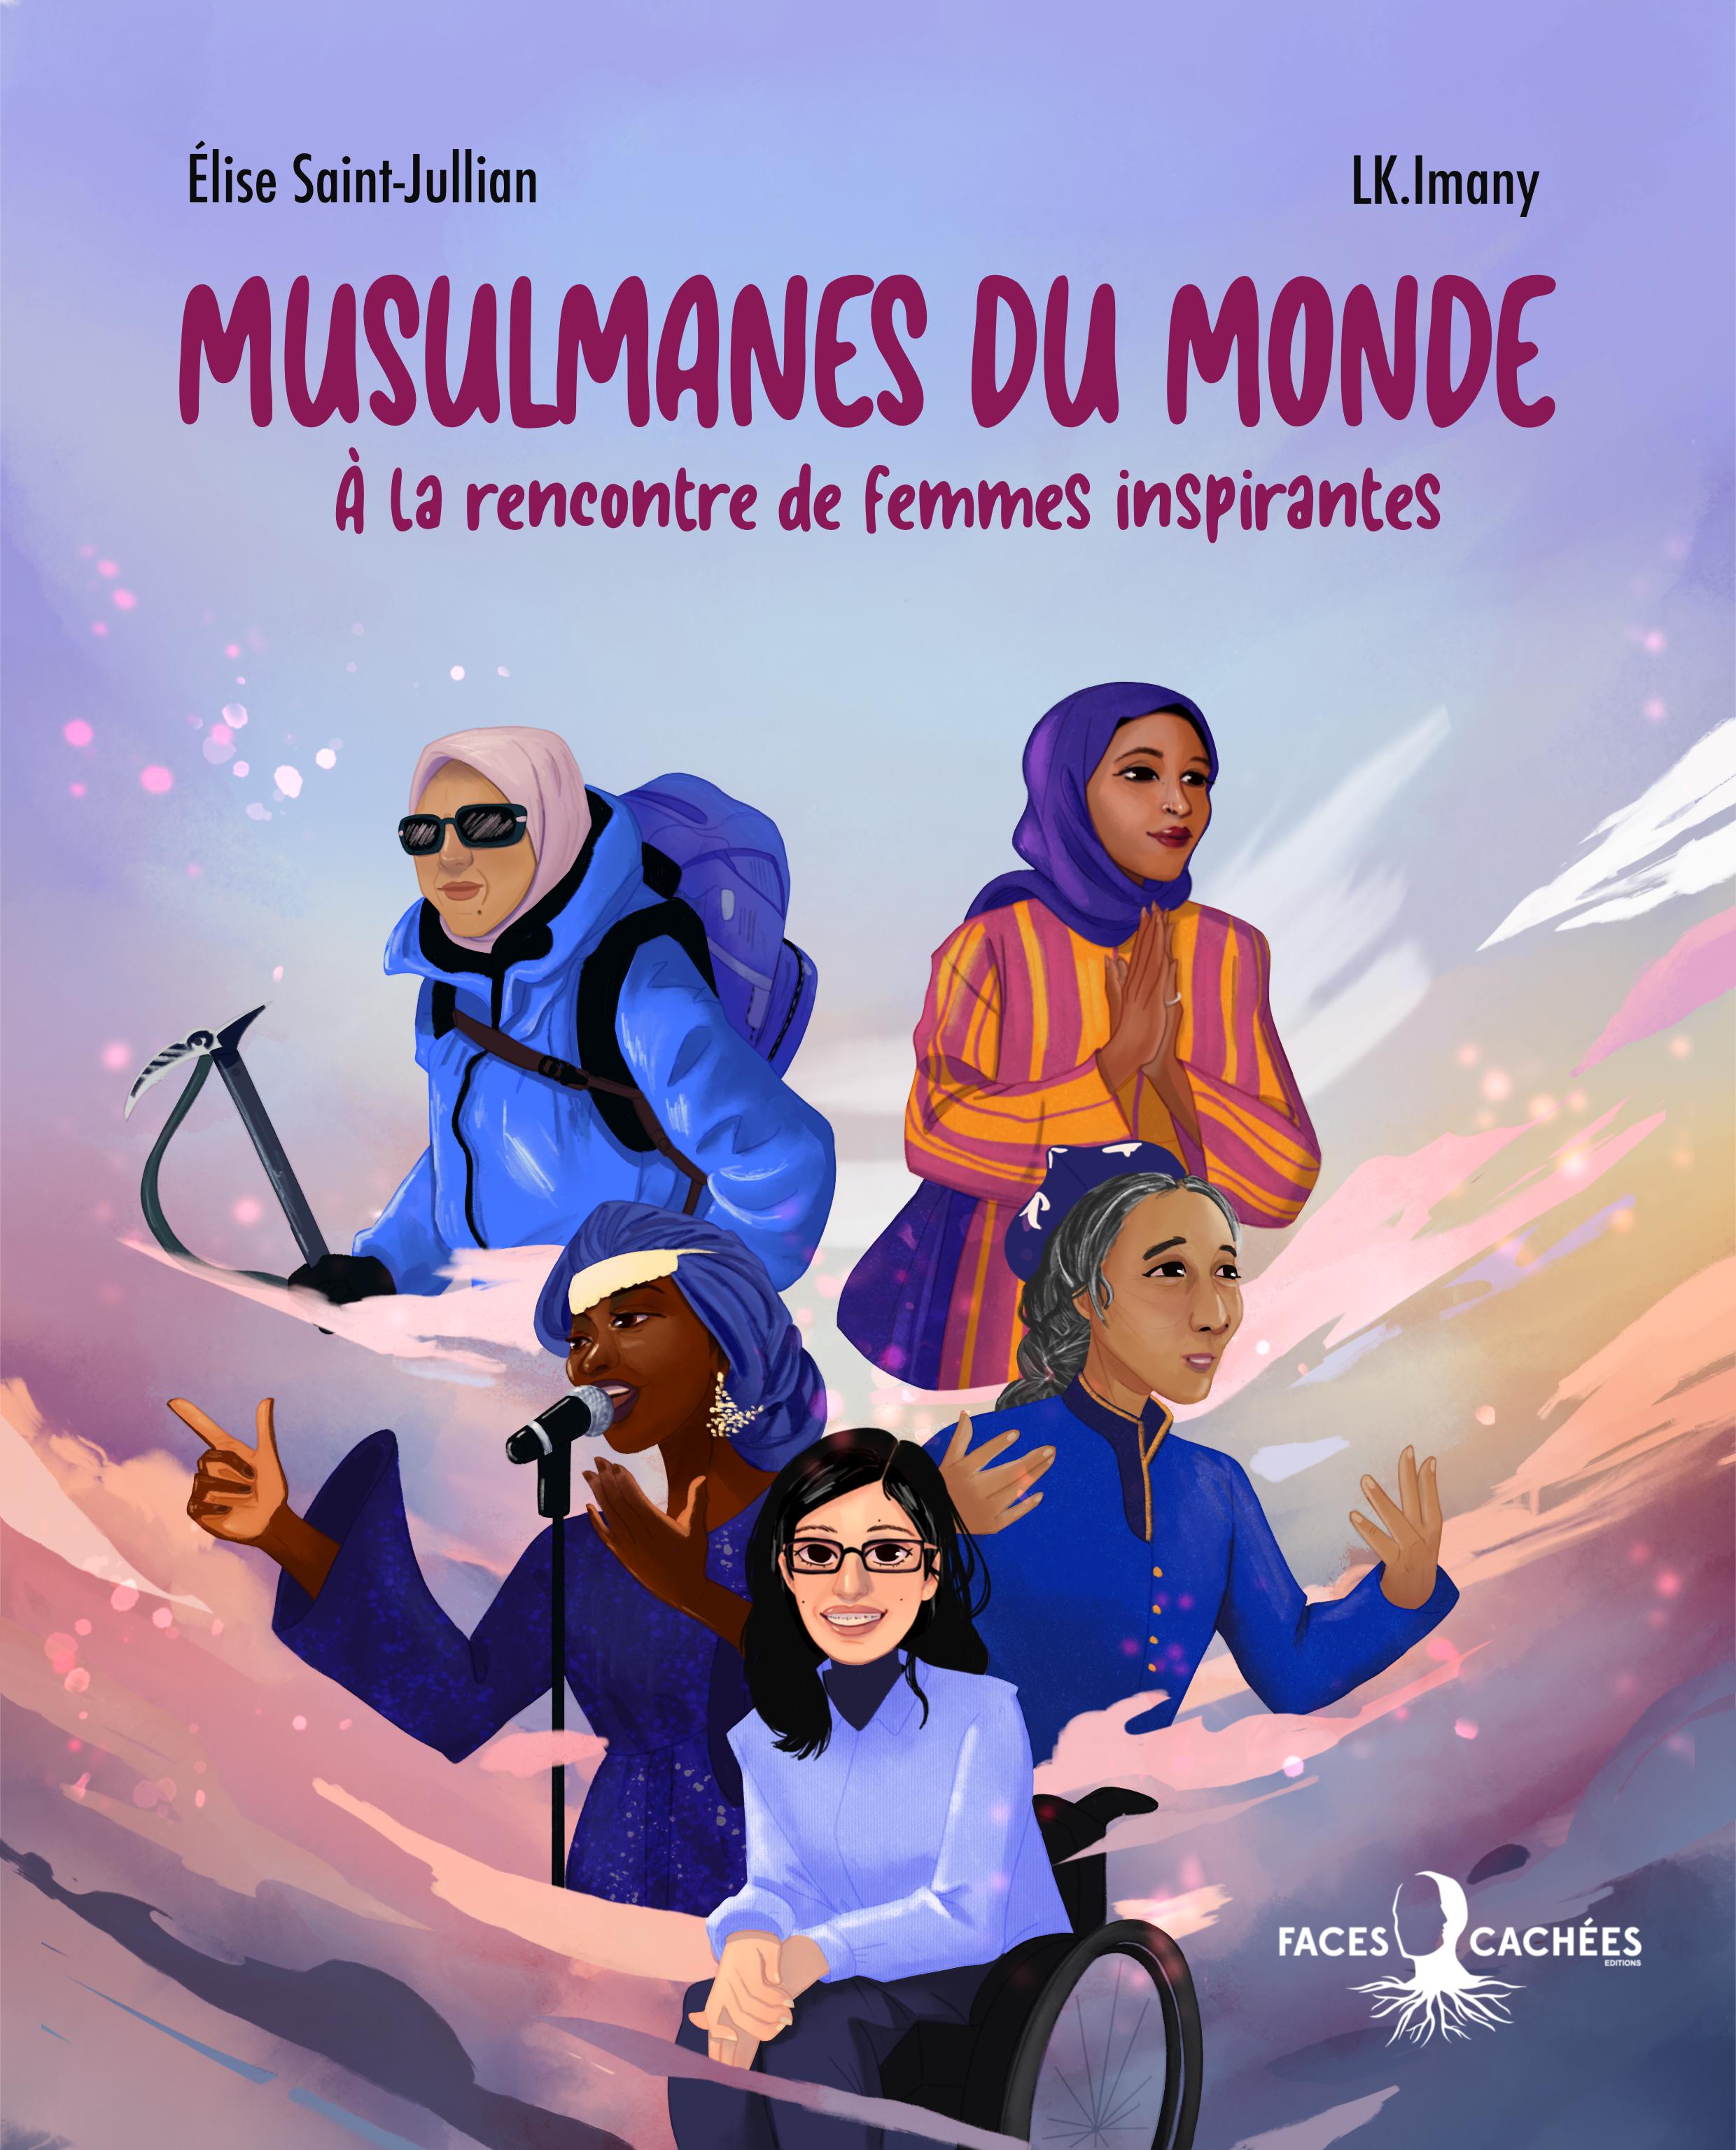 «Musulmanes du monde», éditions Faces cachées, 88 pages, 15 euros. A partir de 11 ans